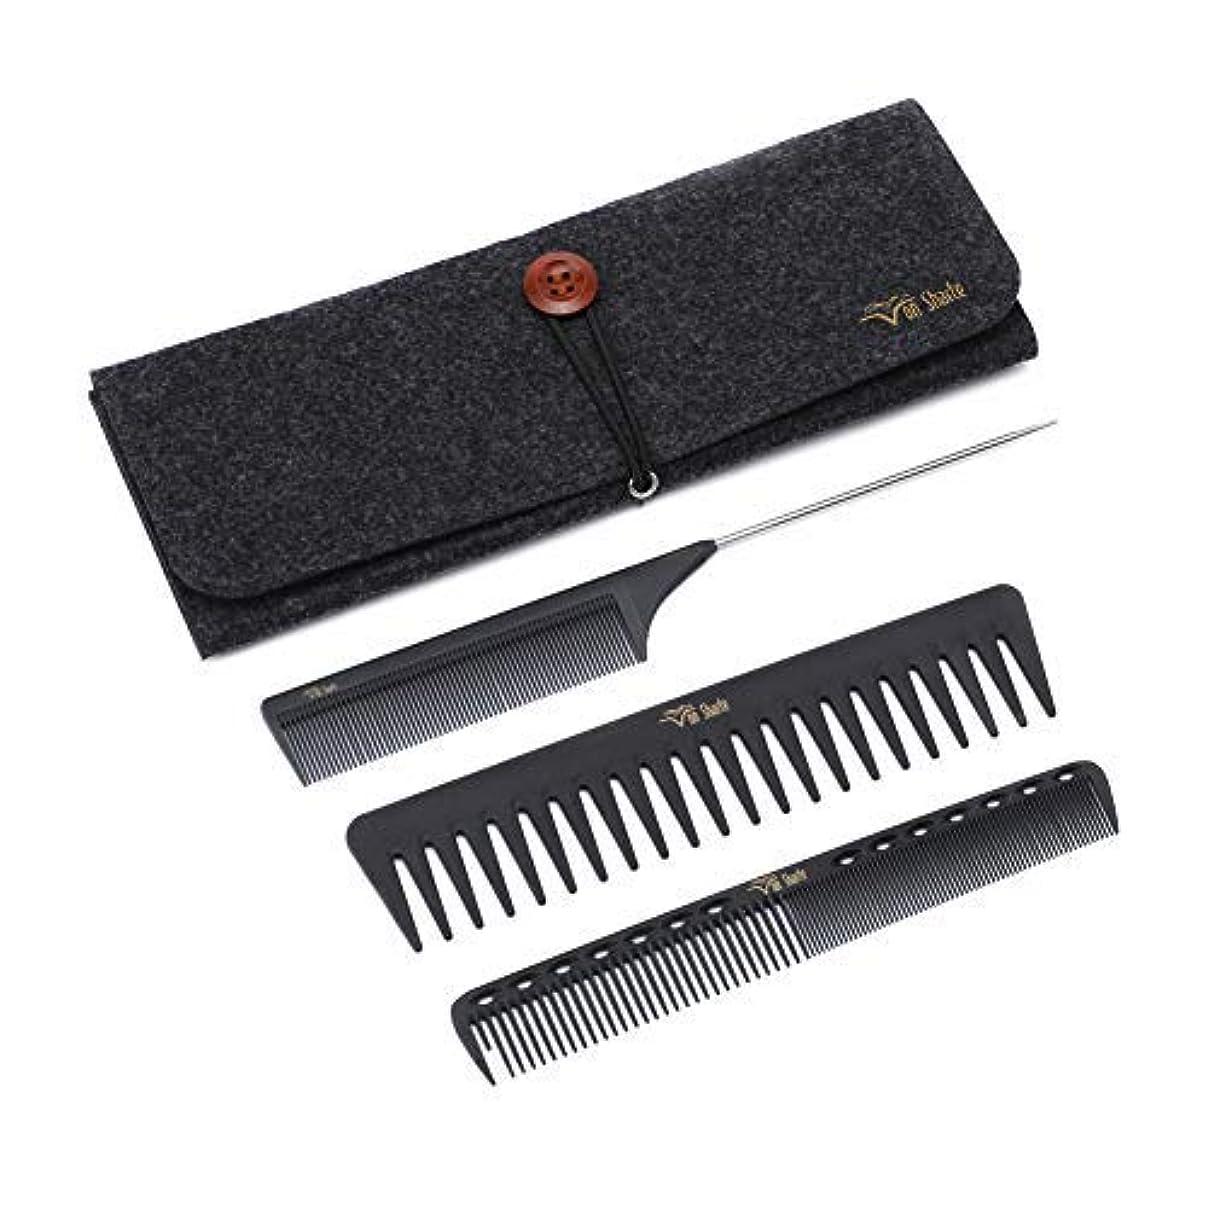 迫害男やもめ悪質なStyling Comb Set,Hairdresser Barber Comb Cutting Hair Comb Carbon Fiber Wide Tooth Comb Metal Rat Pin Tail Comb Salon 100% Anti Static 230℃ Heat Resistant(Styling Comb Set C932Z02B) [並行輸入品]